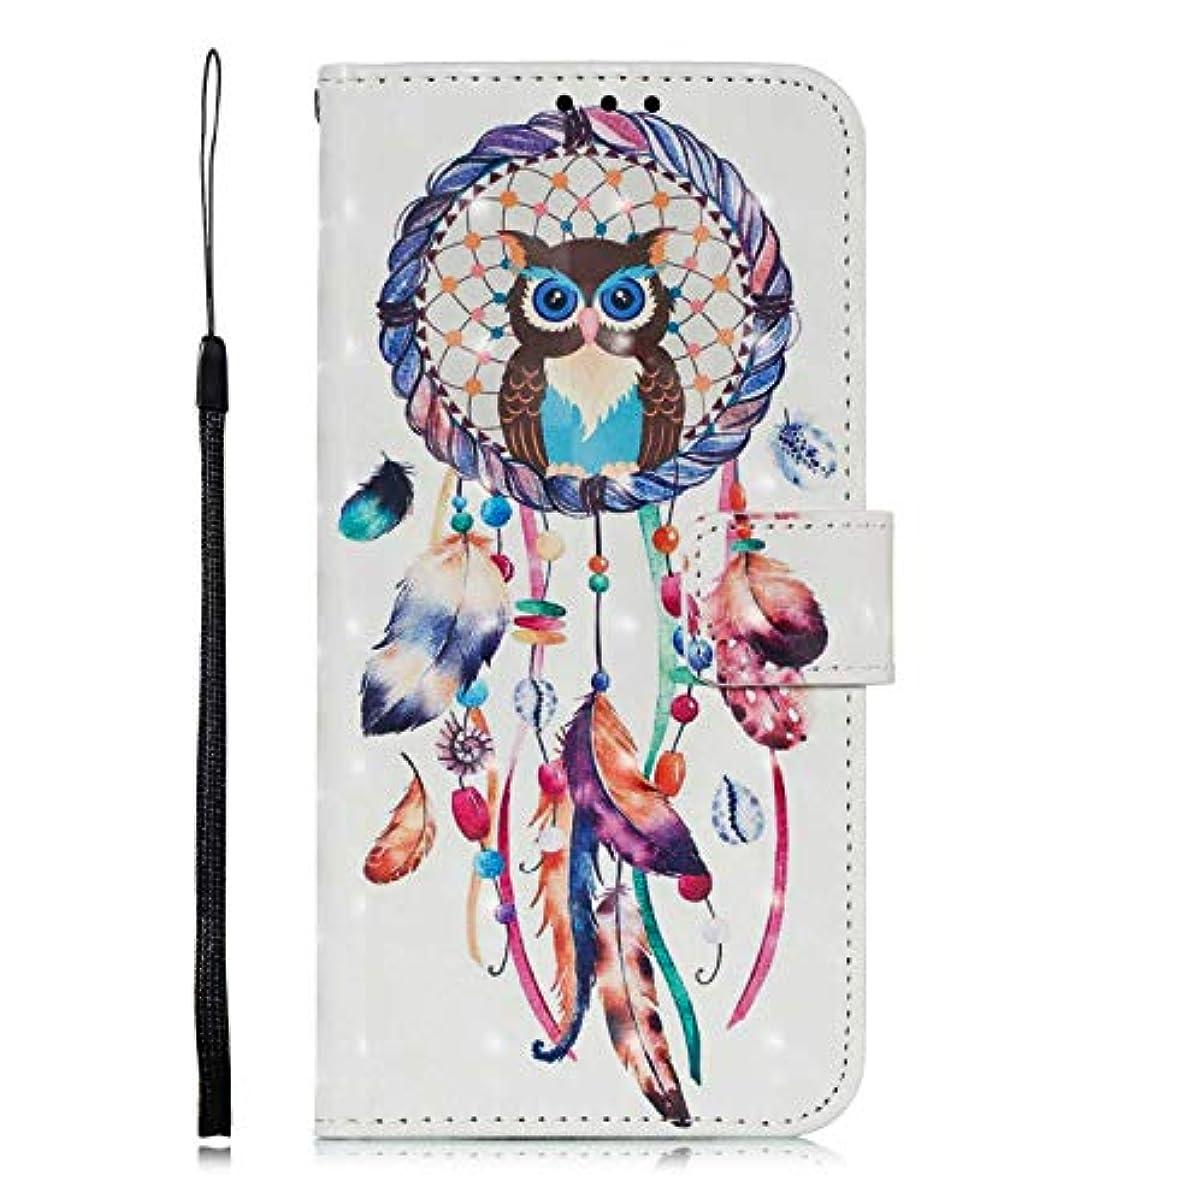 永続努力傘OMATENTI Galaxy A8 2018 ケース, ファッション良質 PU レザー 財布型 ケース 薄型 人気 新製品 衝撃吸収 全面保護 スマホケース, 付きスタンド機能, カードホルダー機能 ストラップ付き Galaxy A8 2018 用 Case Cover, フクロウとドリームキャッチャー